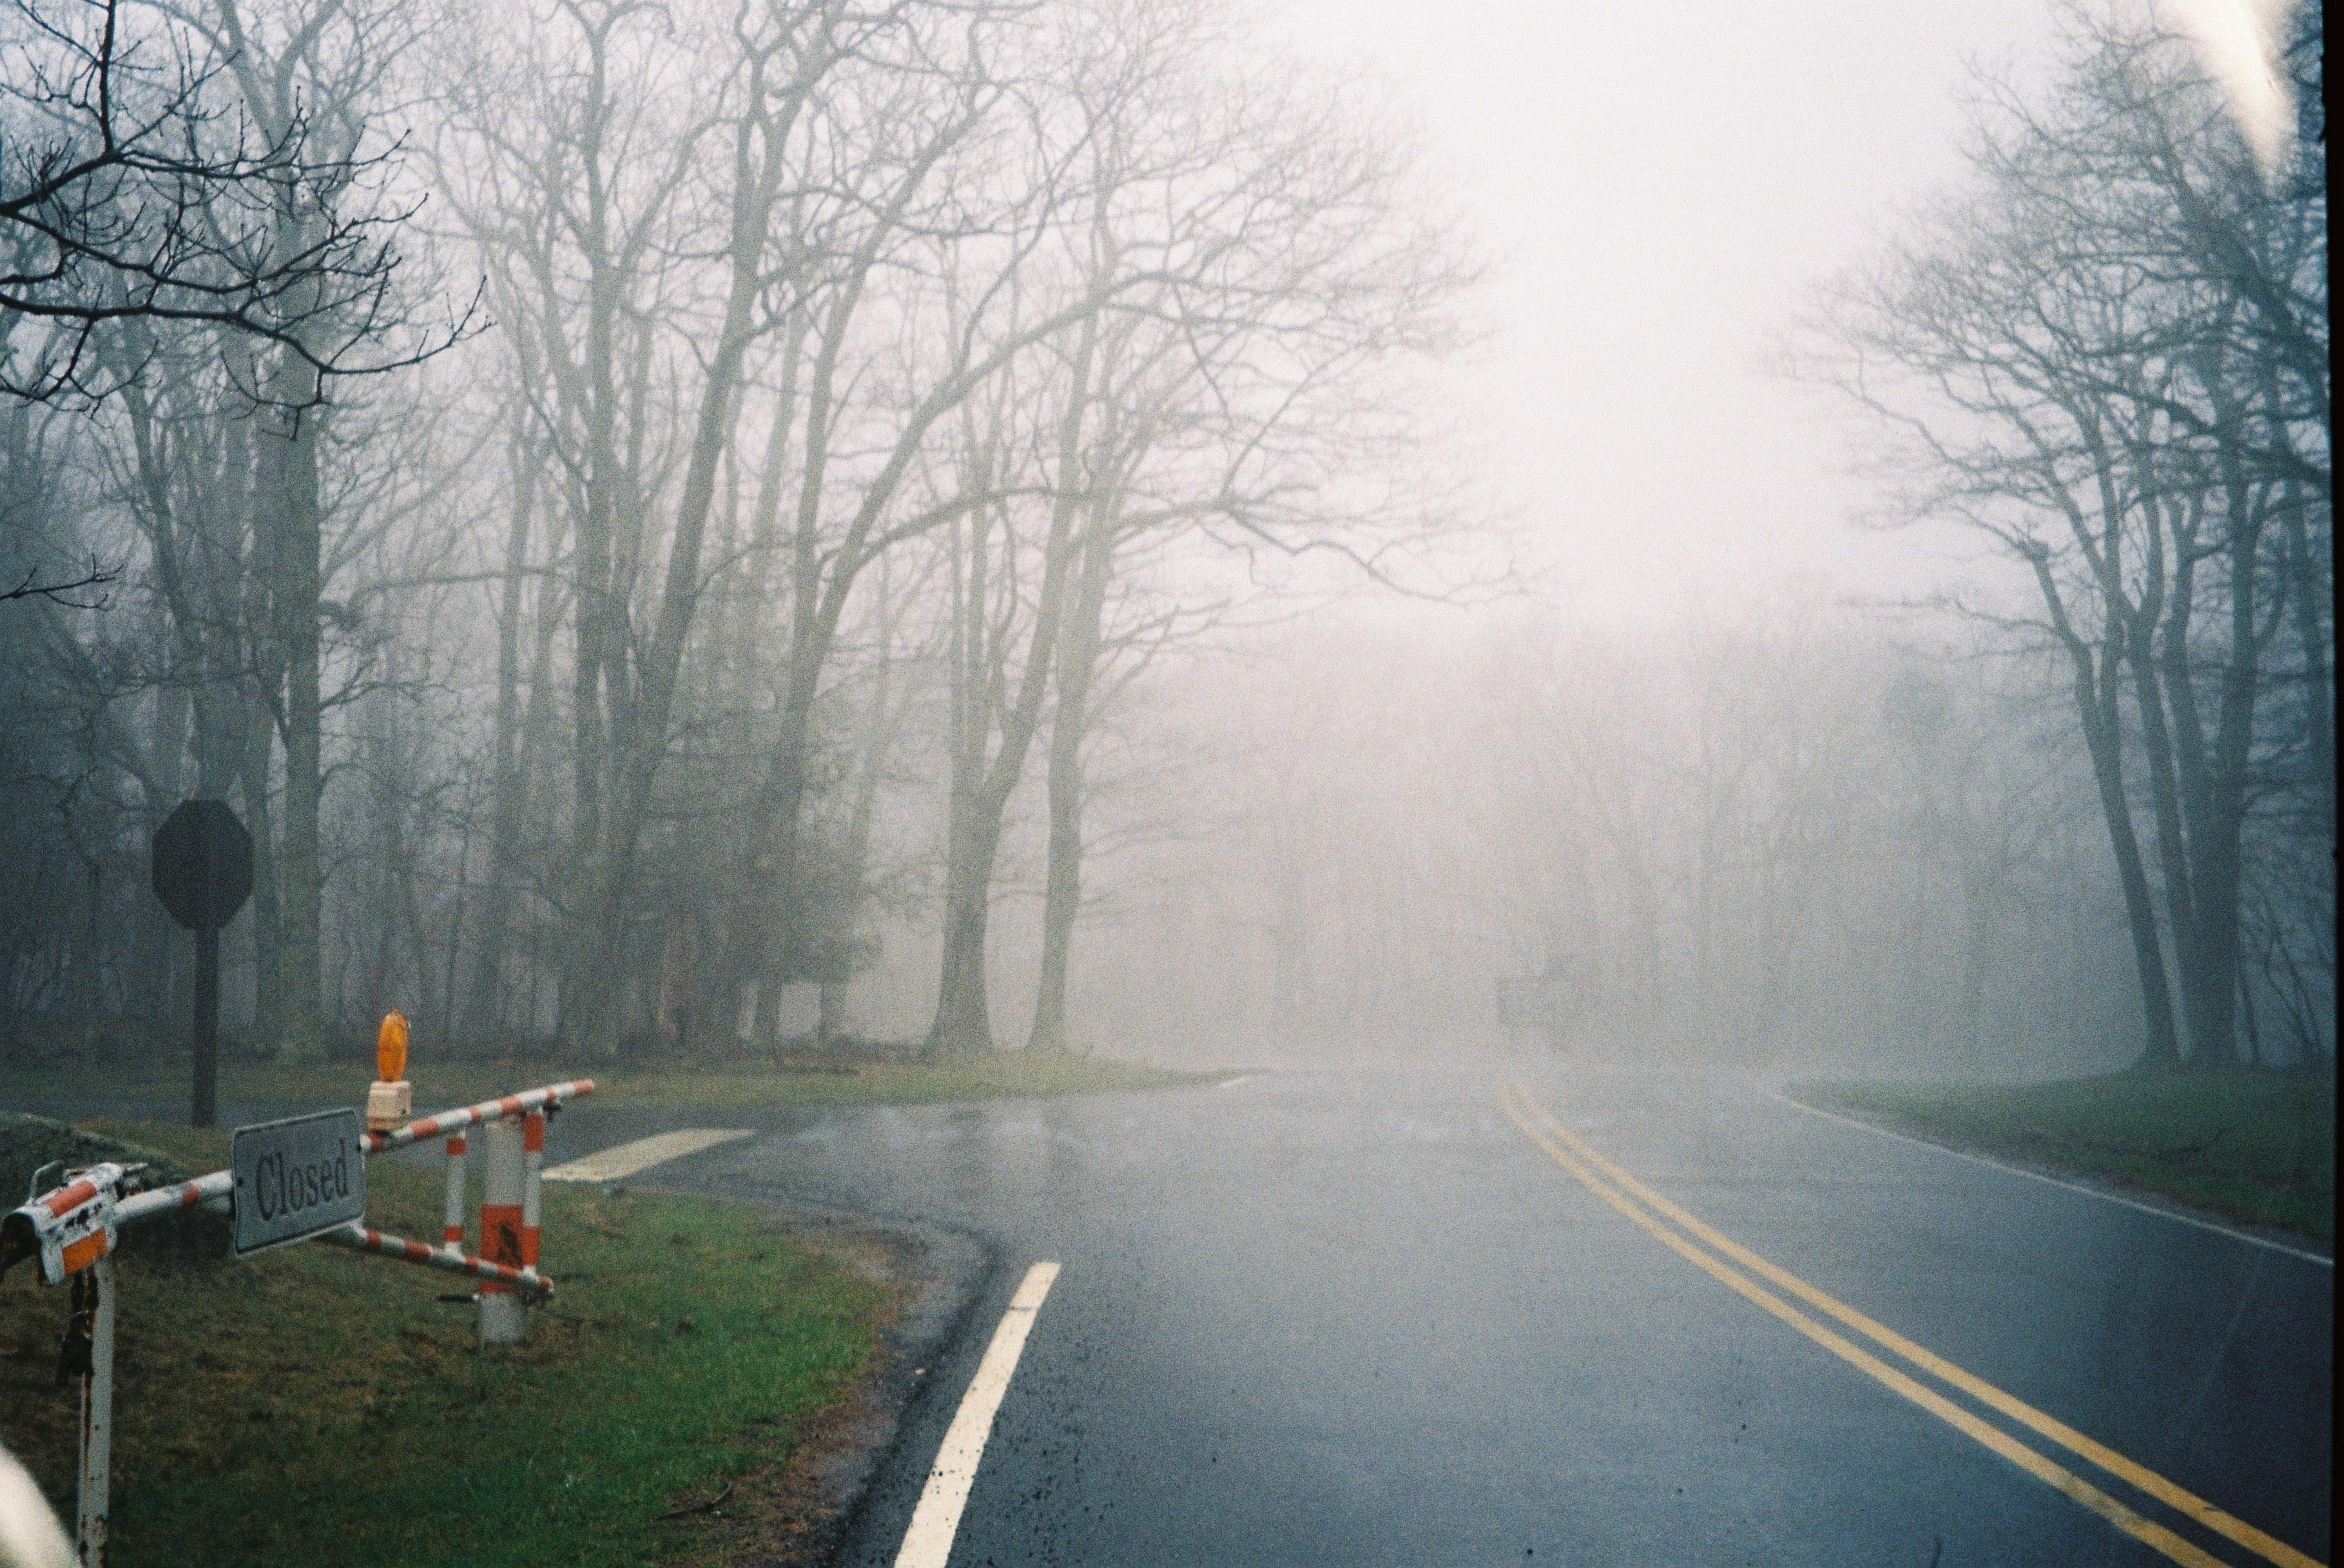 hình ảnh : cây, rừng, tuyết, mùa đông, Sương mù, sương mù, Ánh sáng mặt trời, buổi sáng, sương giá, không khí, Thời tiết, Mùa, đóng băng, Mưa phùn, ...